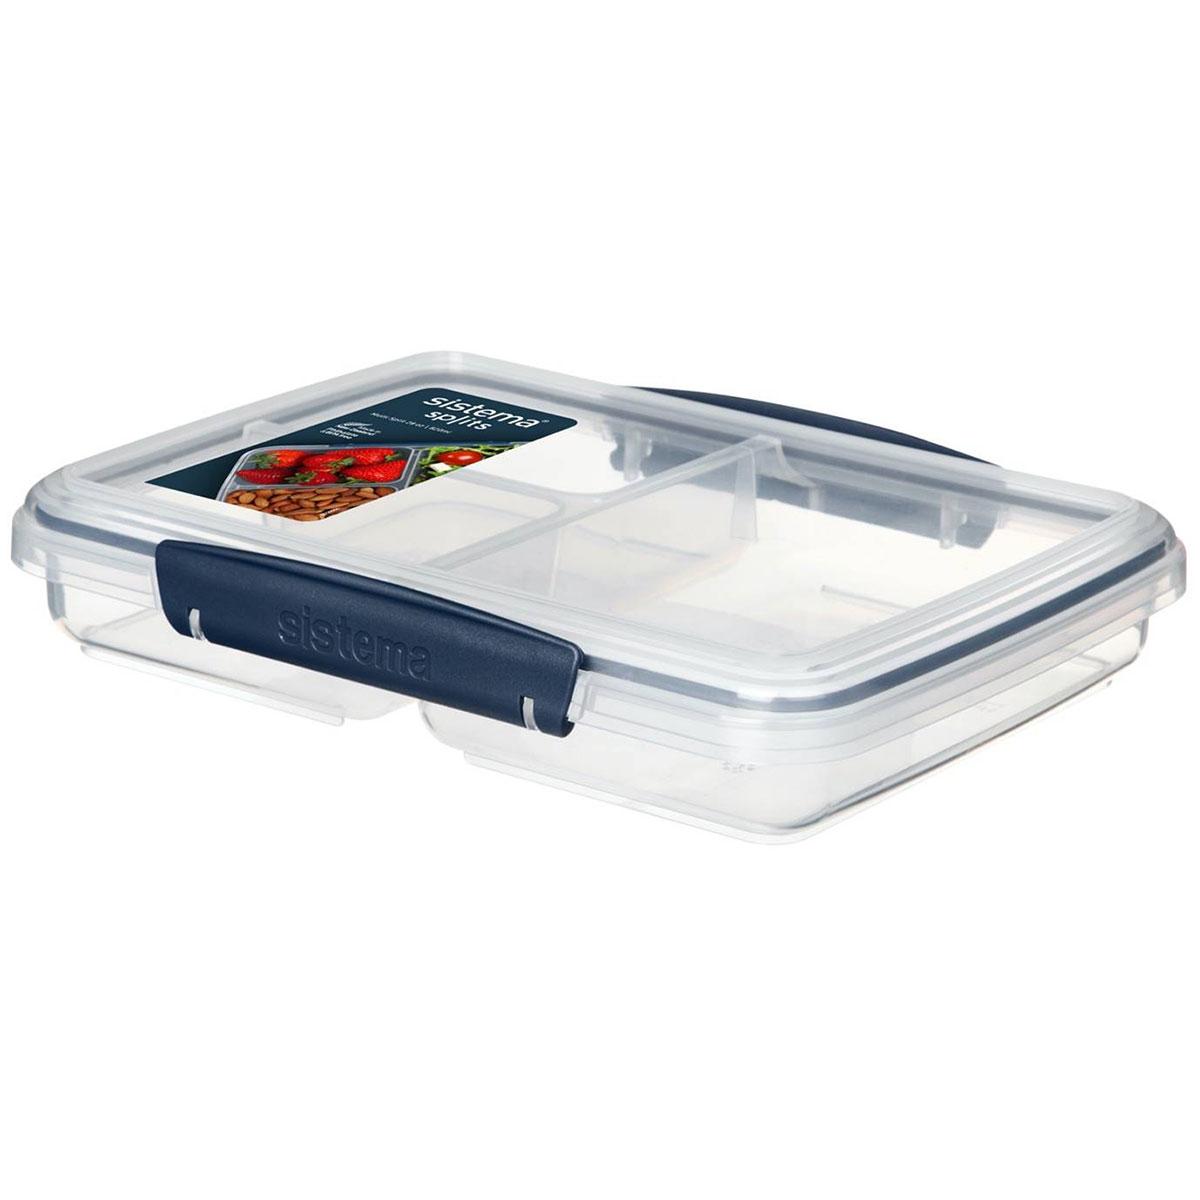 קופסת אוכל נמוכה כחול כהה מחולקת ל-3  820 מ